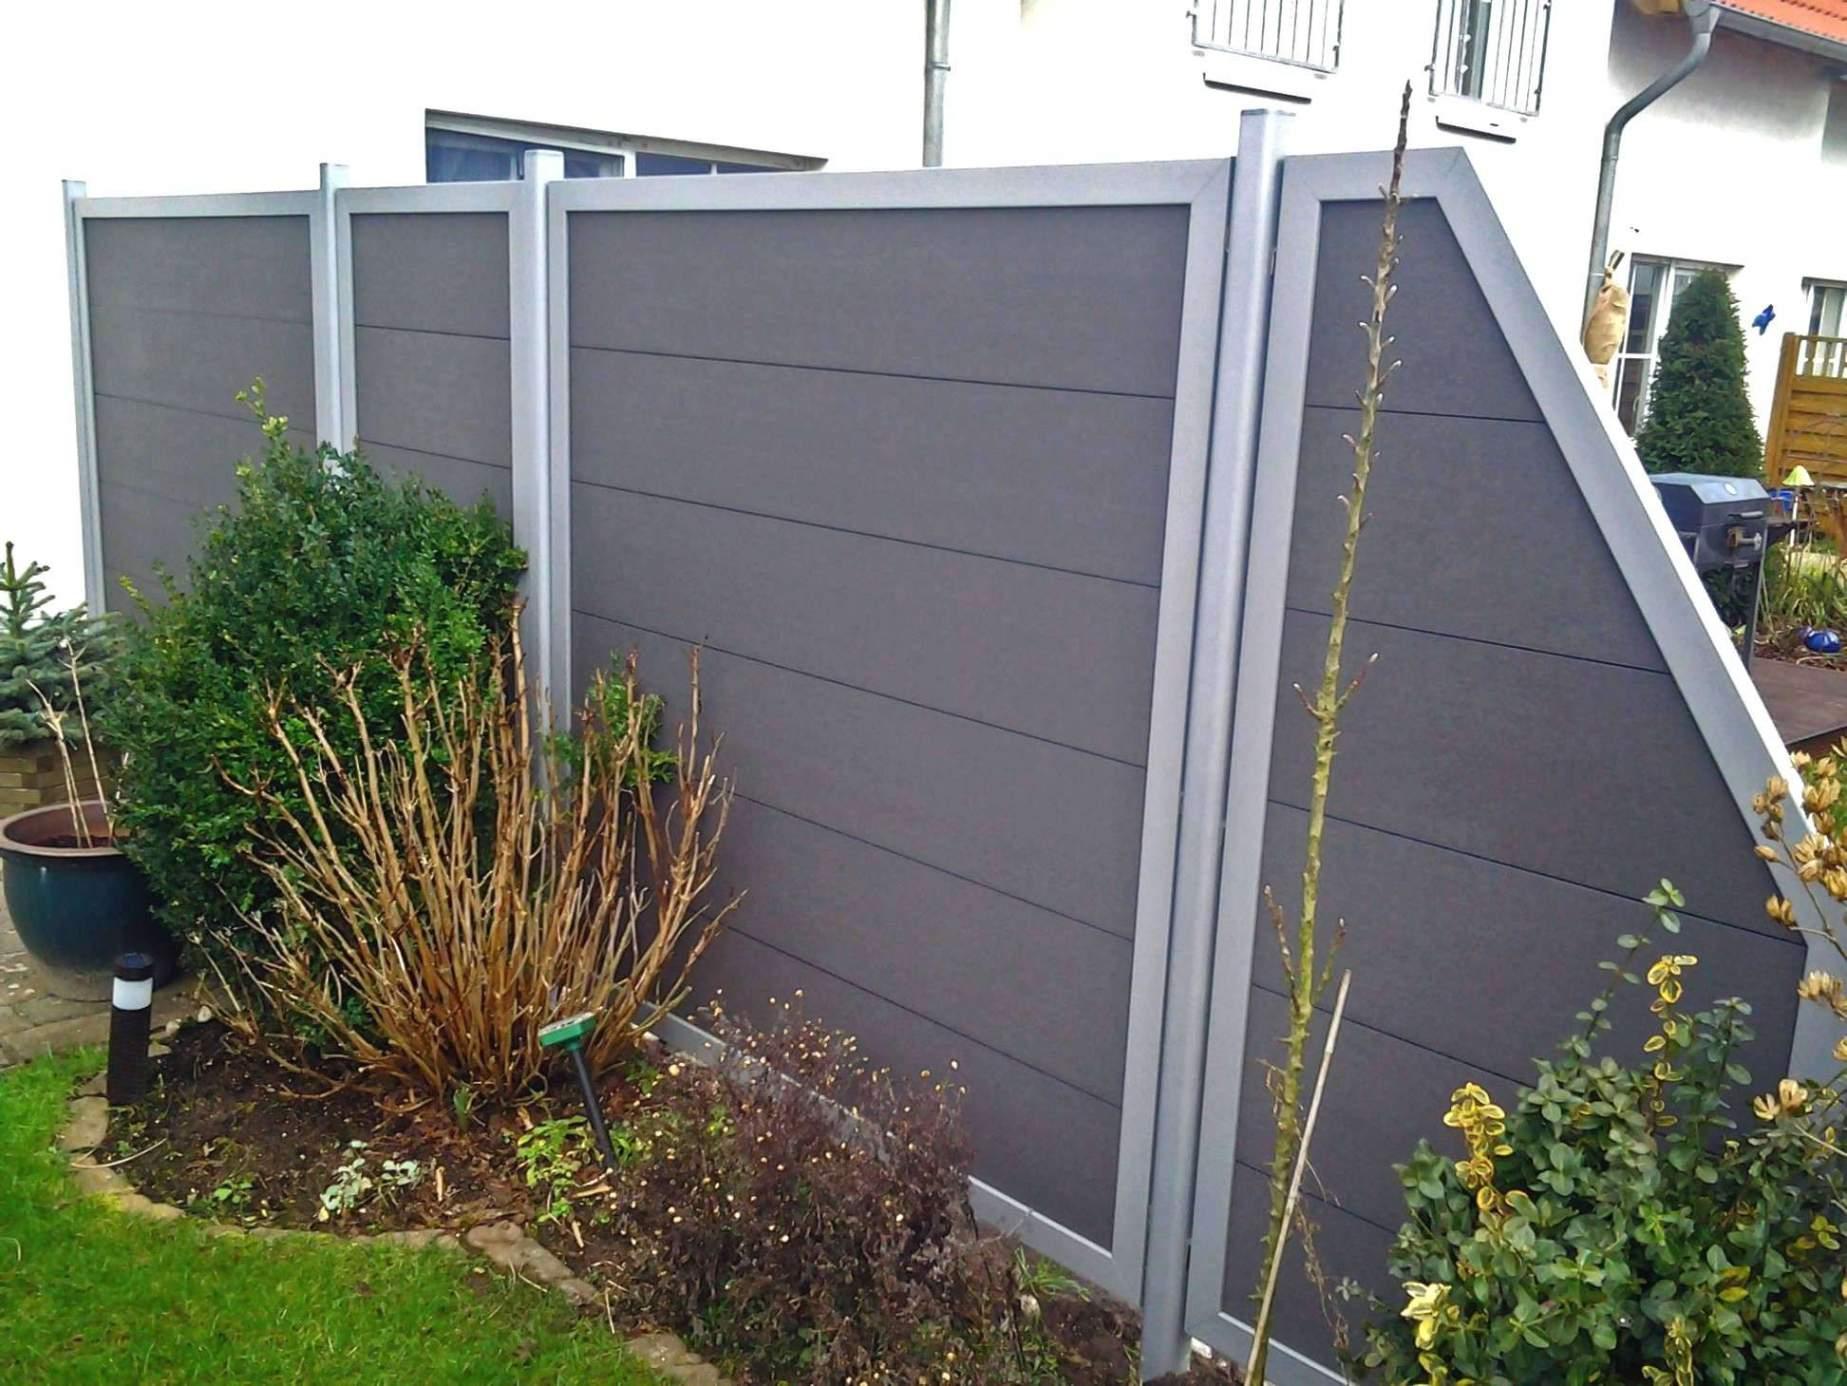 Schallschutzwand Garten Luxus Sichtschutz Terrasse Pflanzen — Temobardz Home Blog